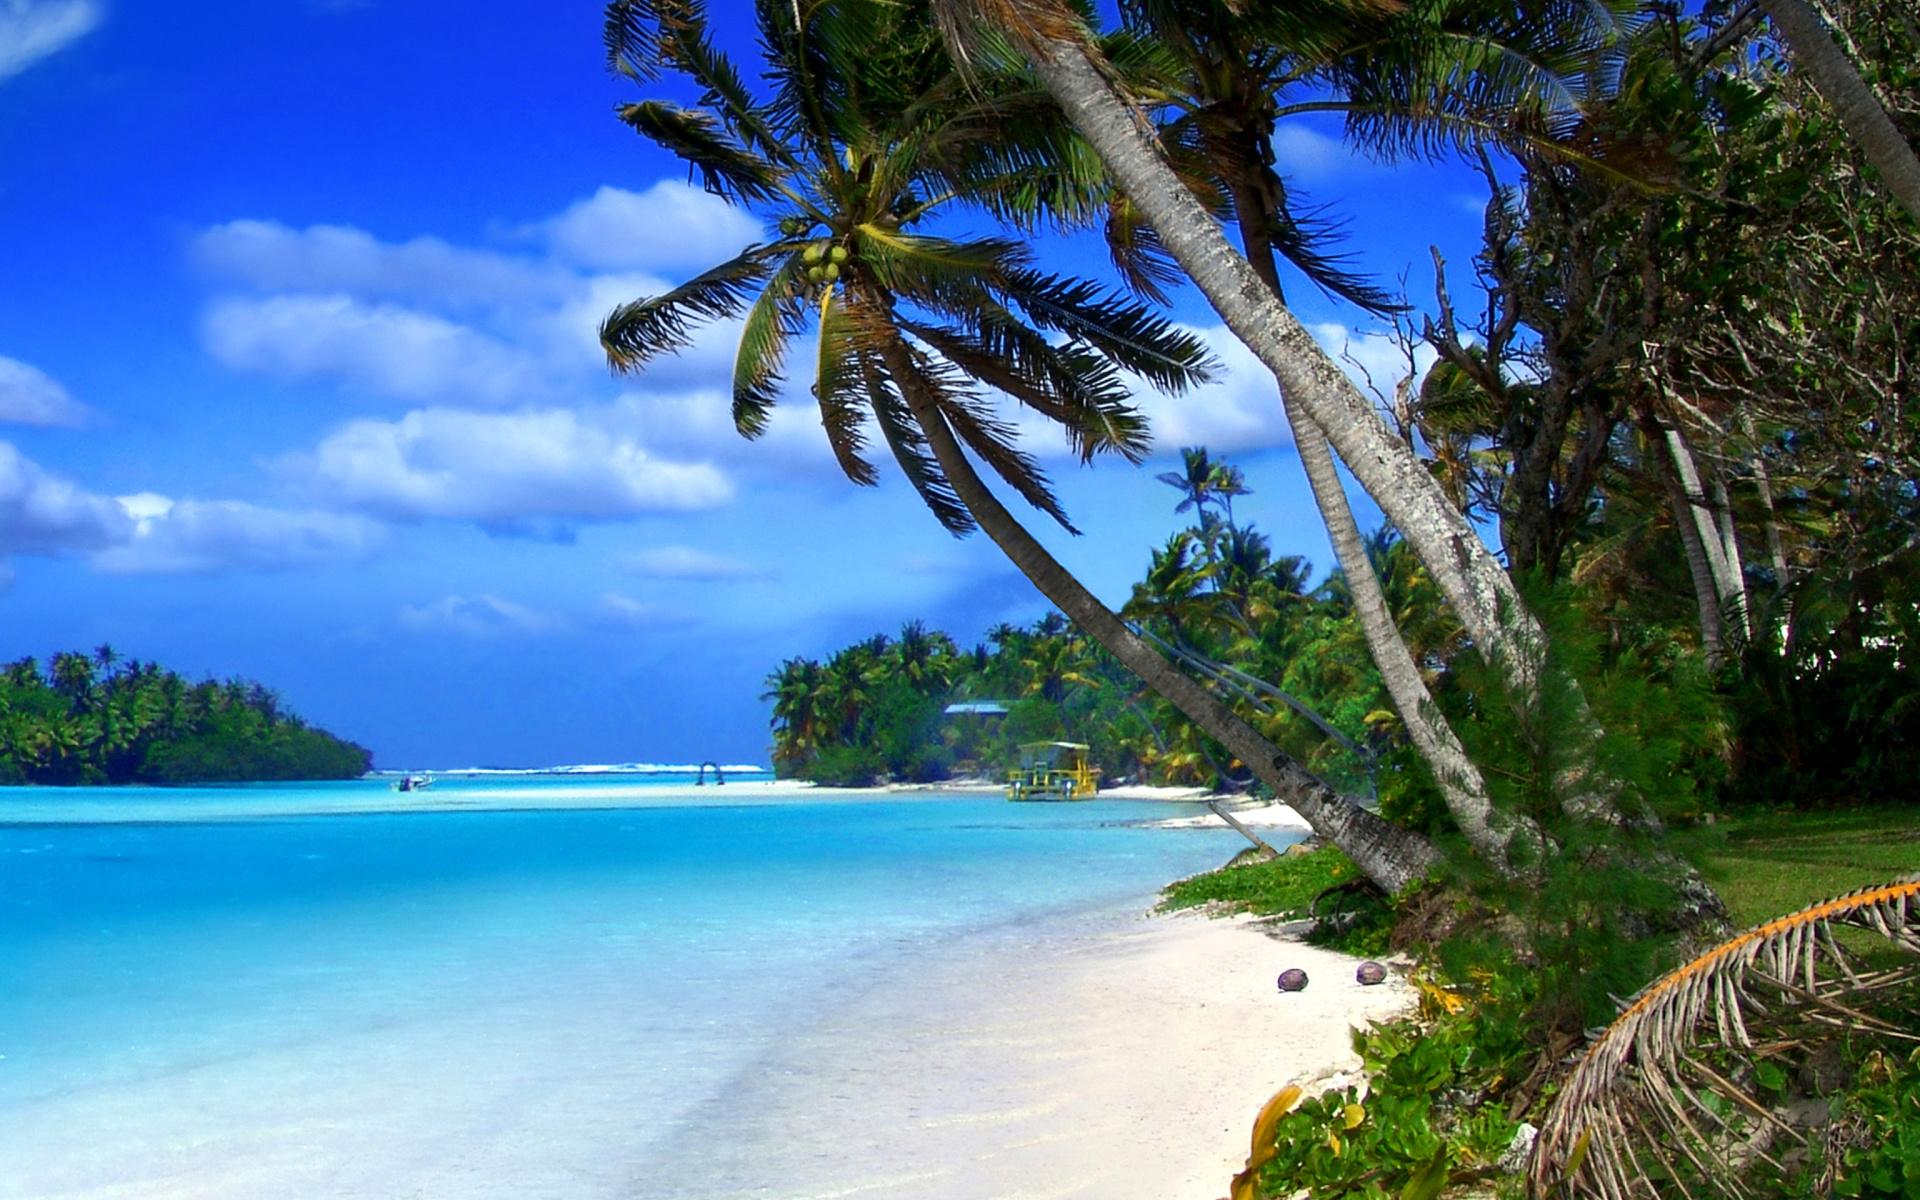 Beach Desktop Wallpaper Widescreen: Beach On Cayman Islands Wallpaper For Widescreen Desktop